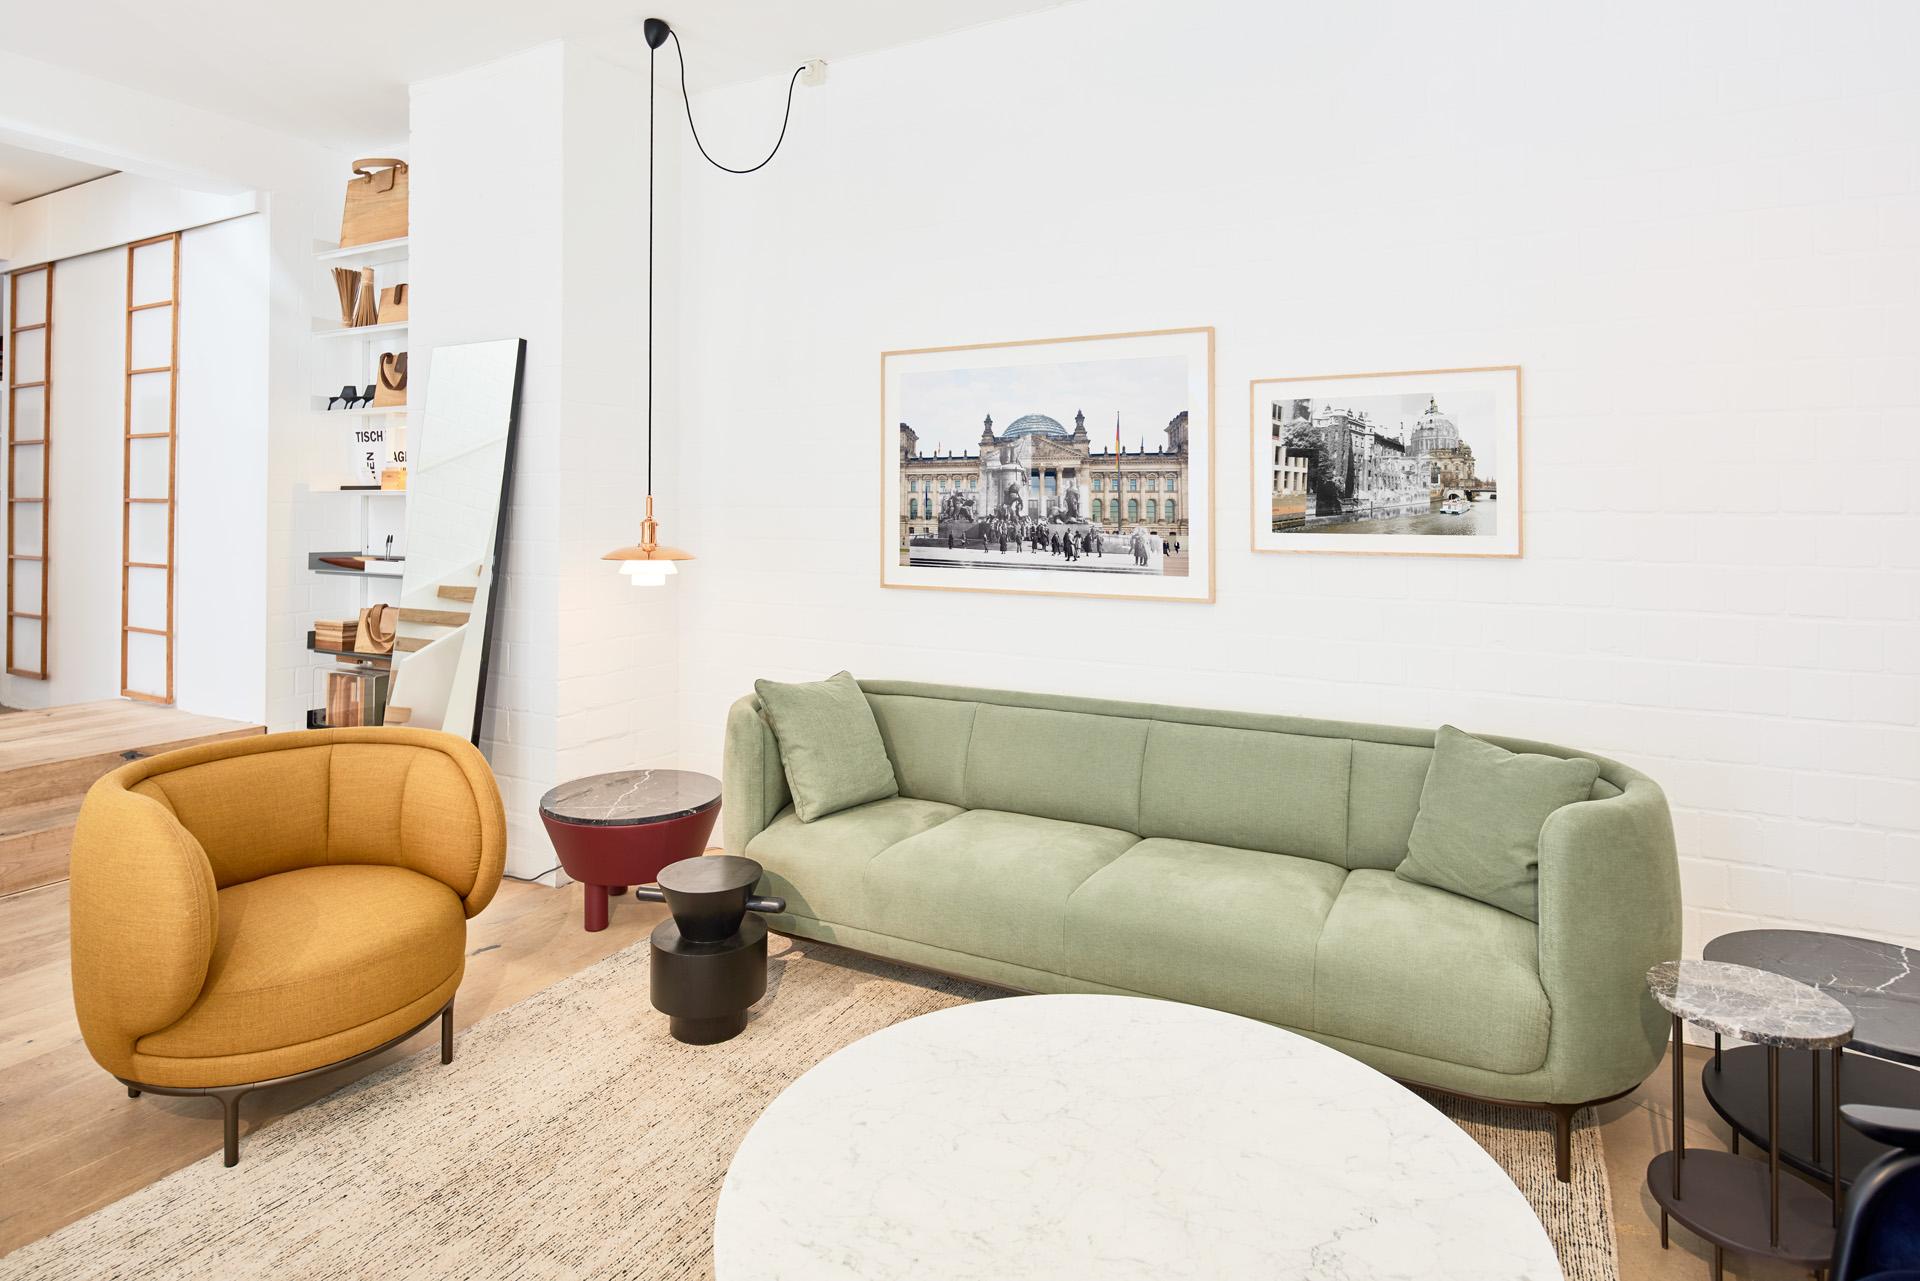 Raumansicht: Collagen aus Caspar Sesslers Serie Mitte bei Treibholz Bremen mit Wittmann Möbeln der Serie Volta von Jamie Hayon